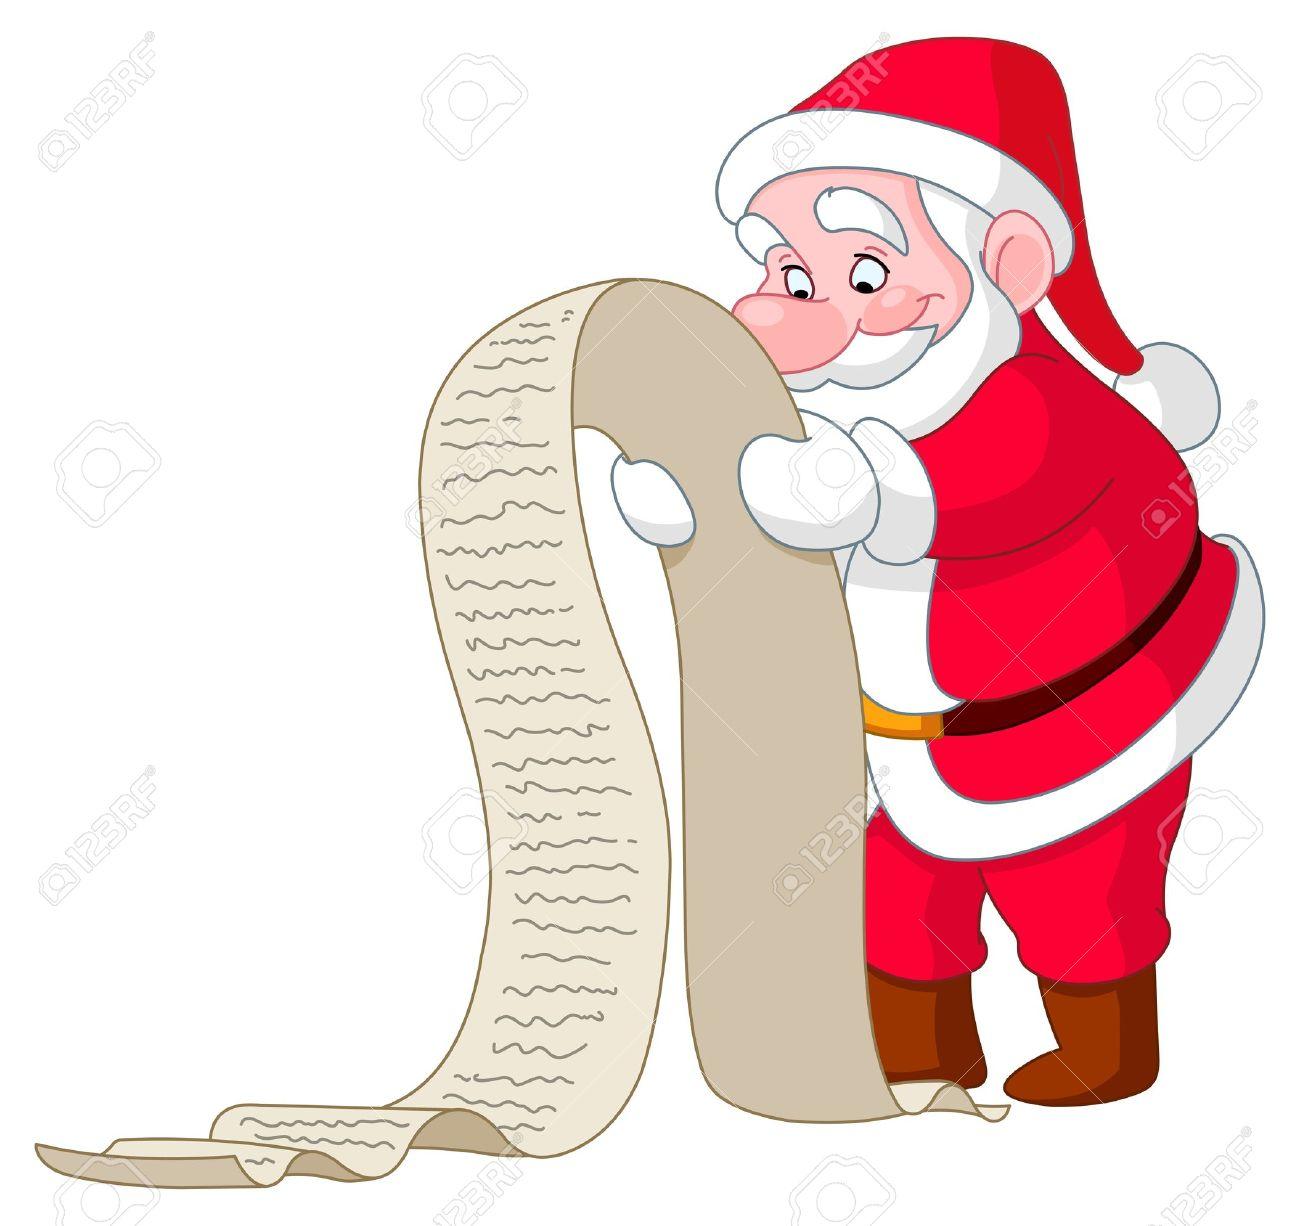 Santa Reading A Long Christmas Wish List Royalty Free Cliparts.